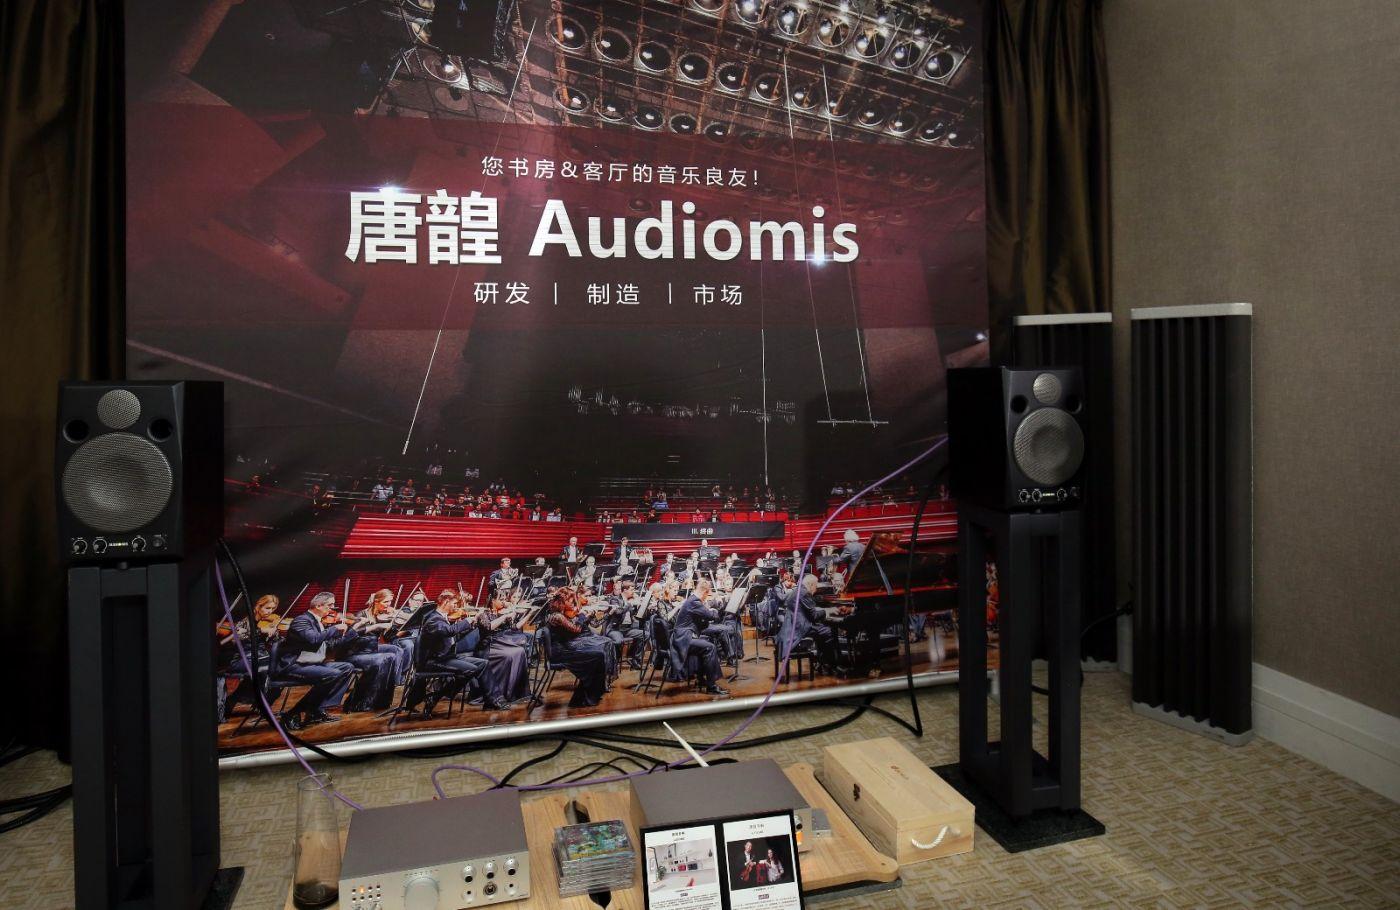 走马看花2019上海国际高级HI-FI音响展_图1-4